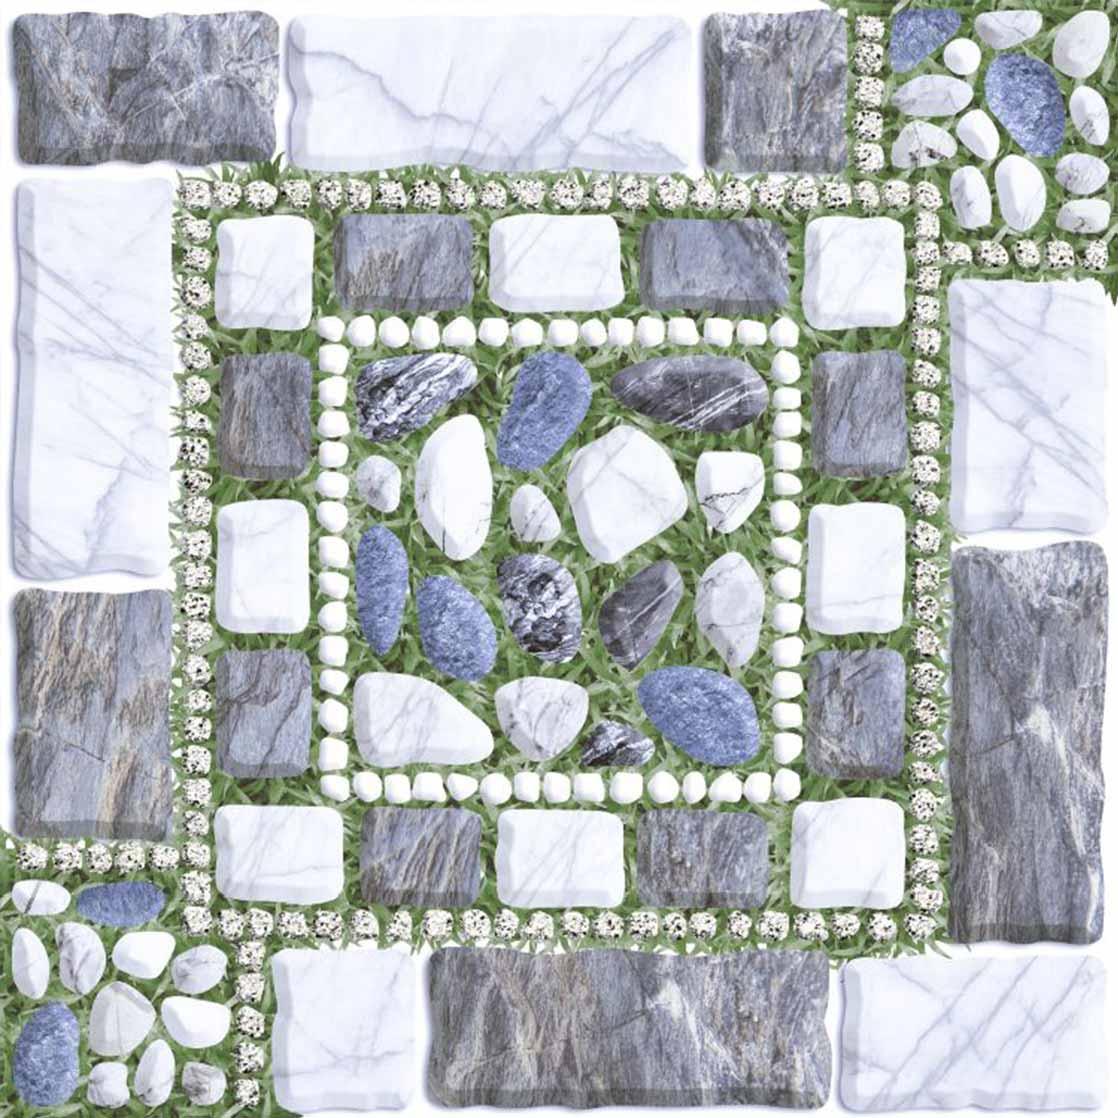 Gạch lát sân vườn Viglacera SG477 giá rẻ